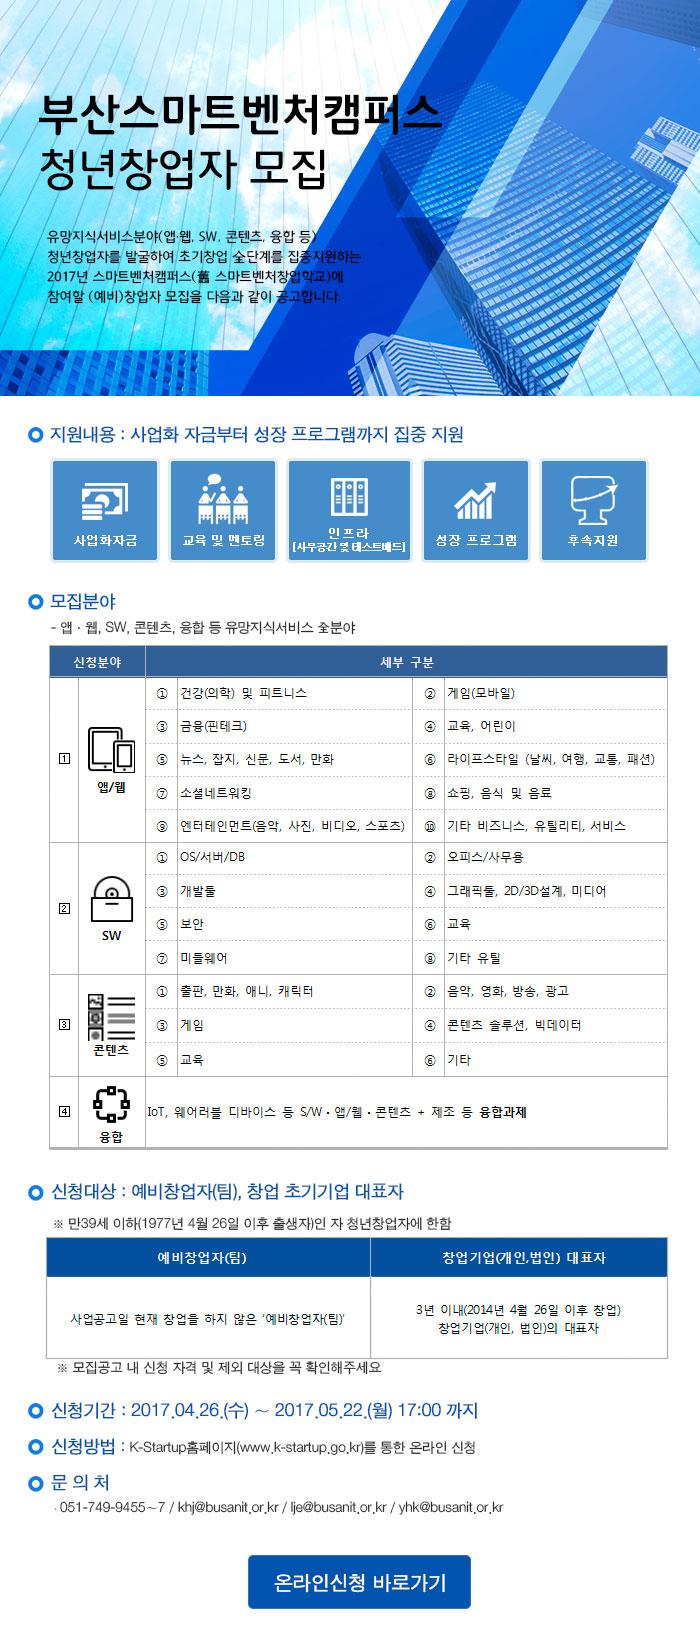 2017년 스마트벤처캠퍼스(예비)청년창업자 모집 공고